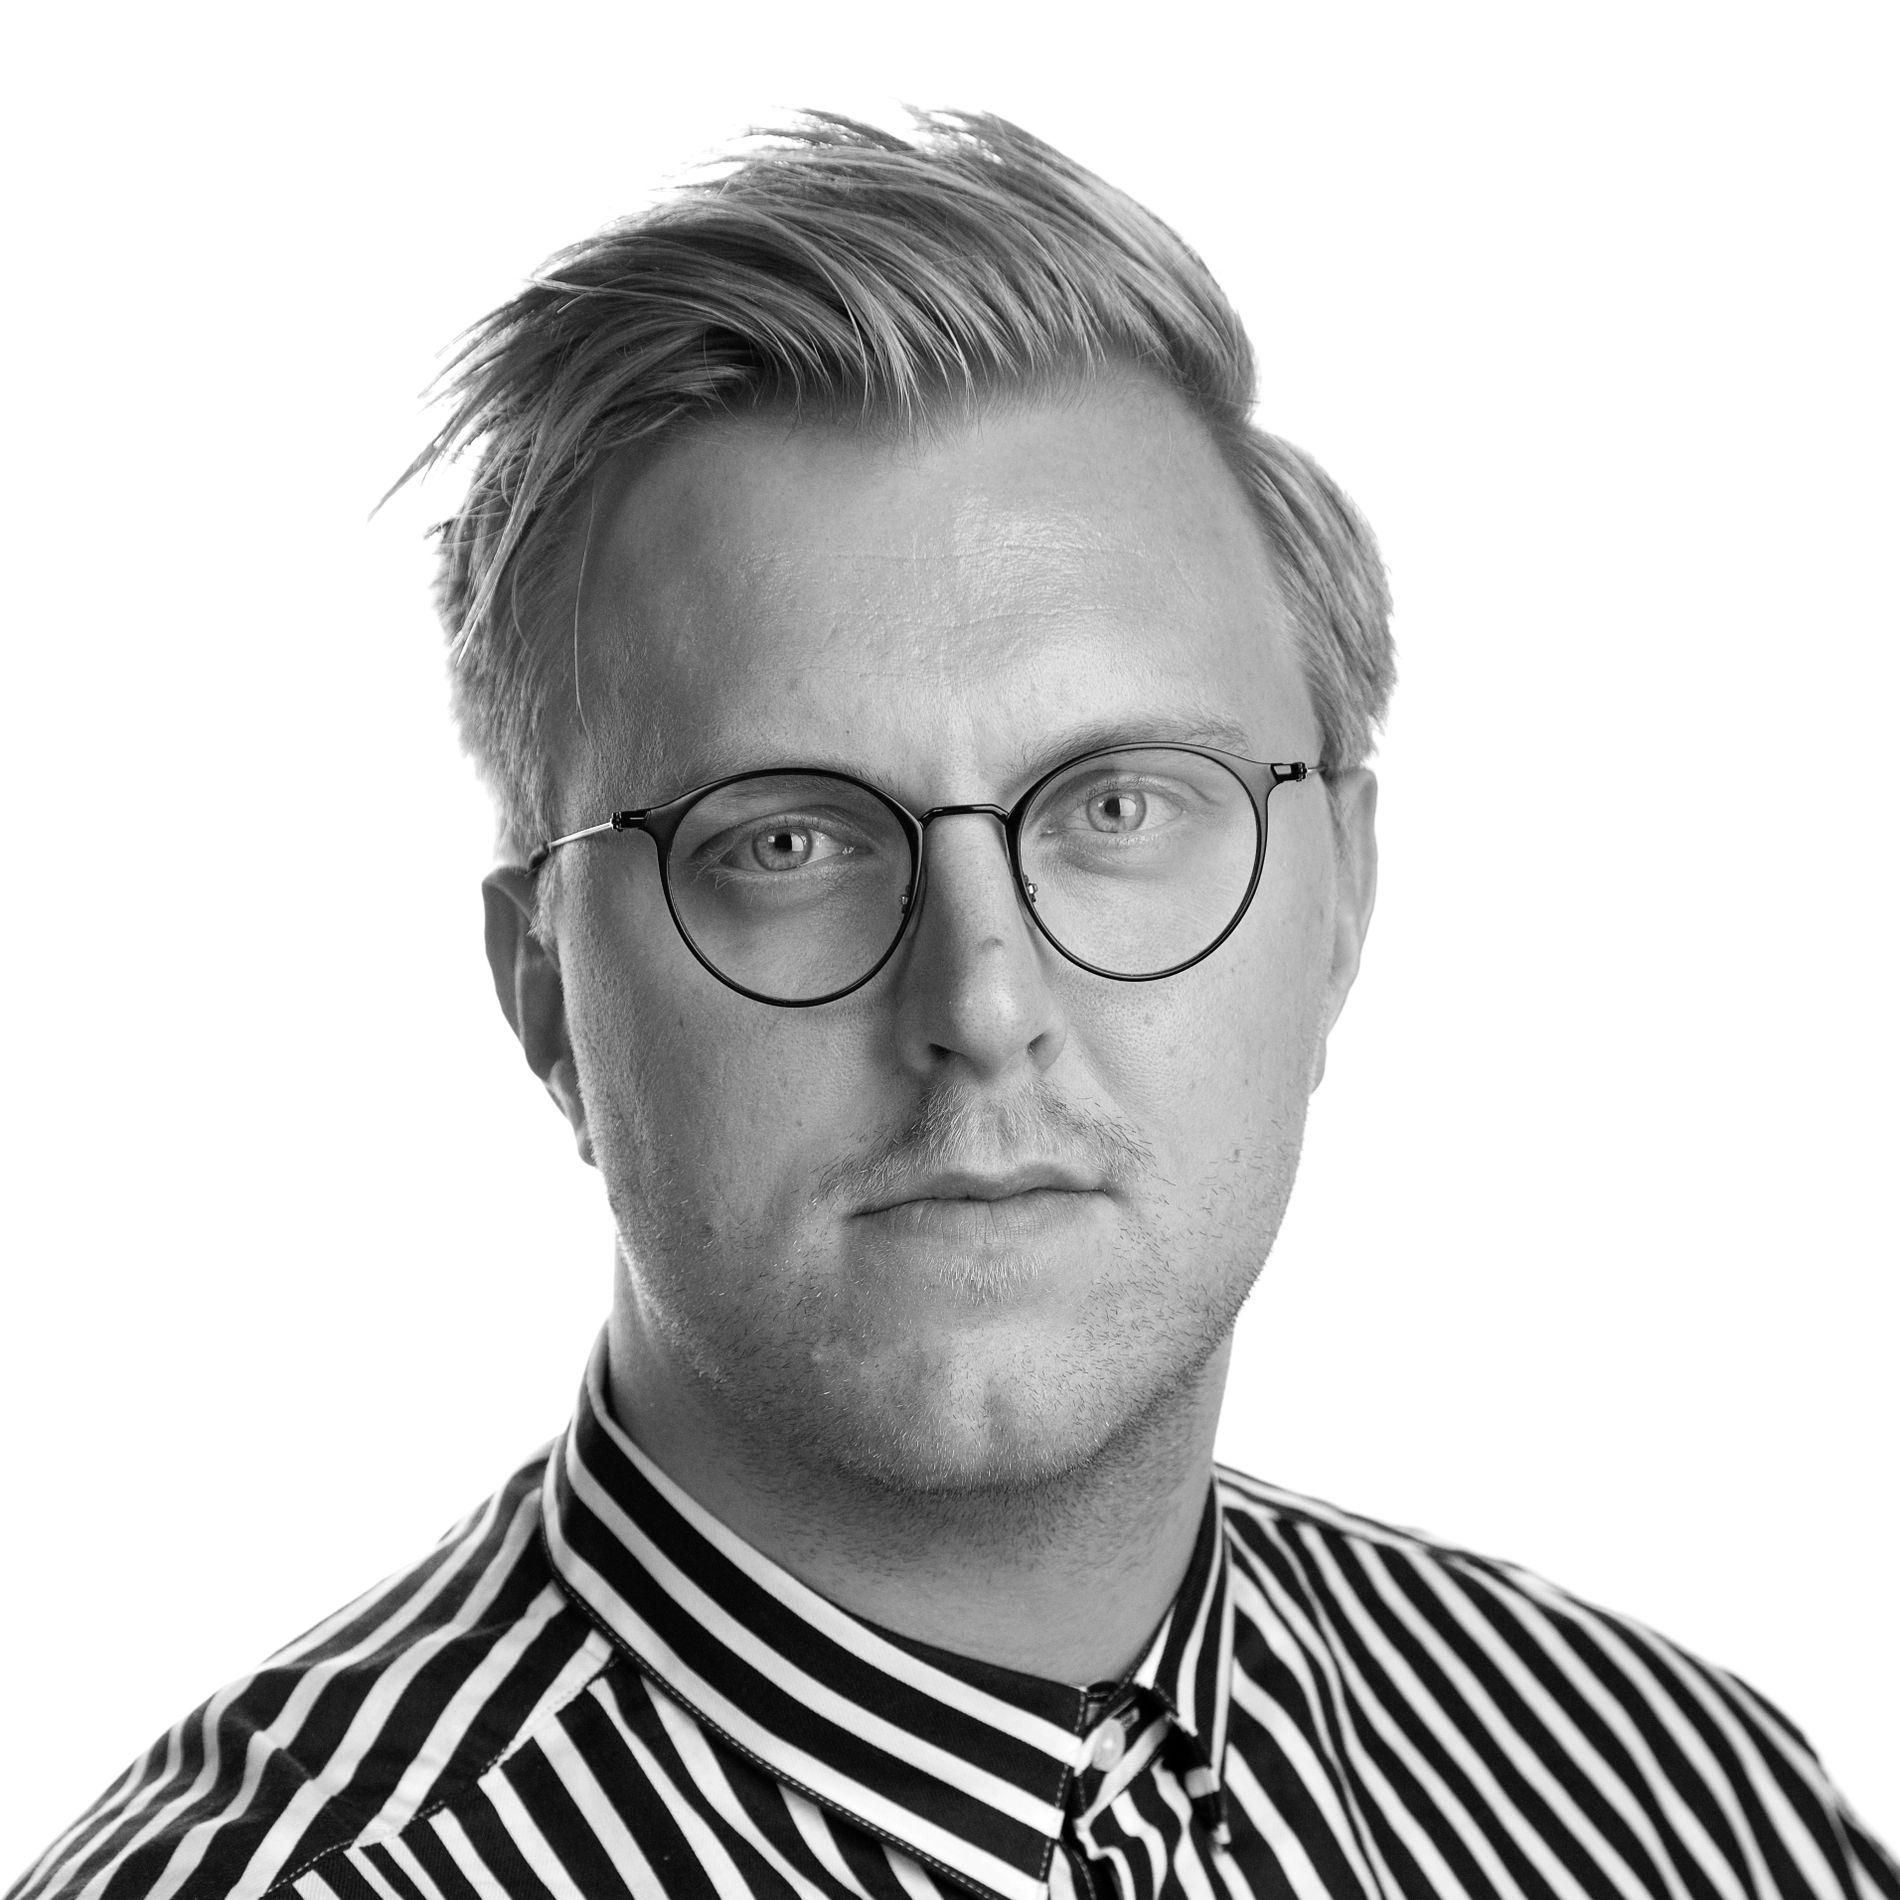 Eirik Husøy